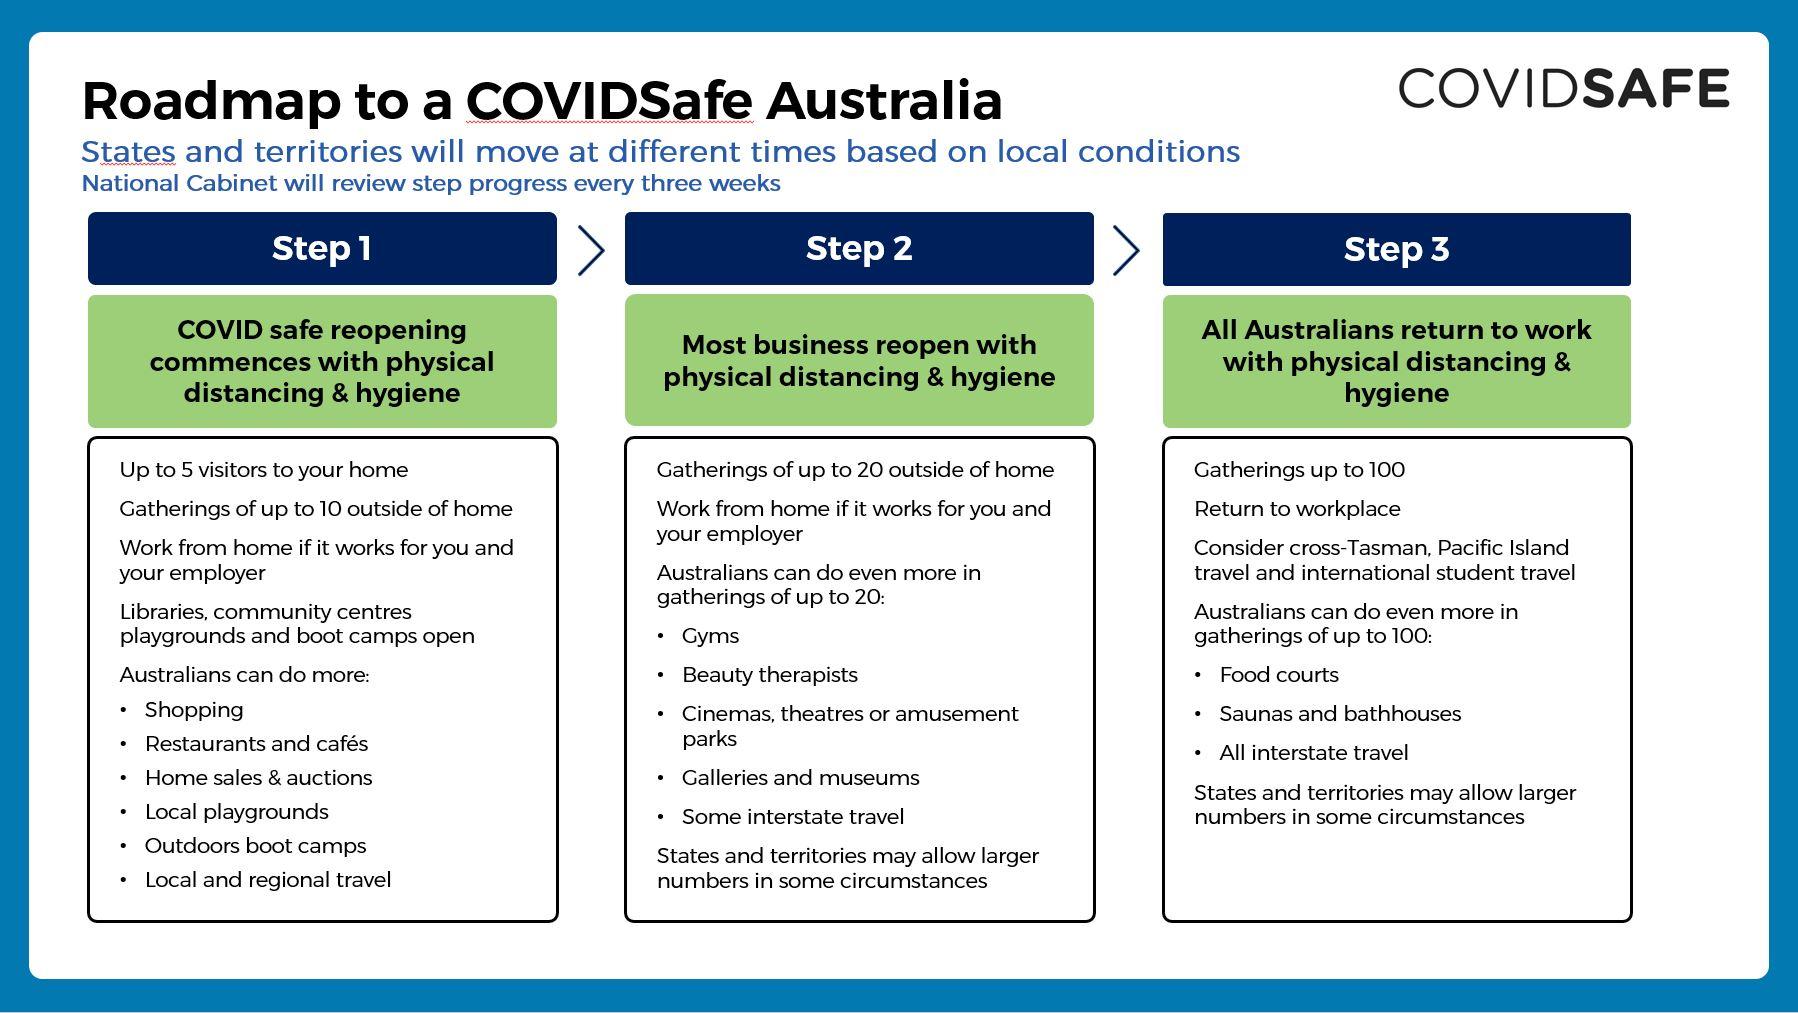 COVIDSafe roadmap Australia COVID-19 Lockdown July Scott Morrison plan